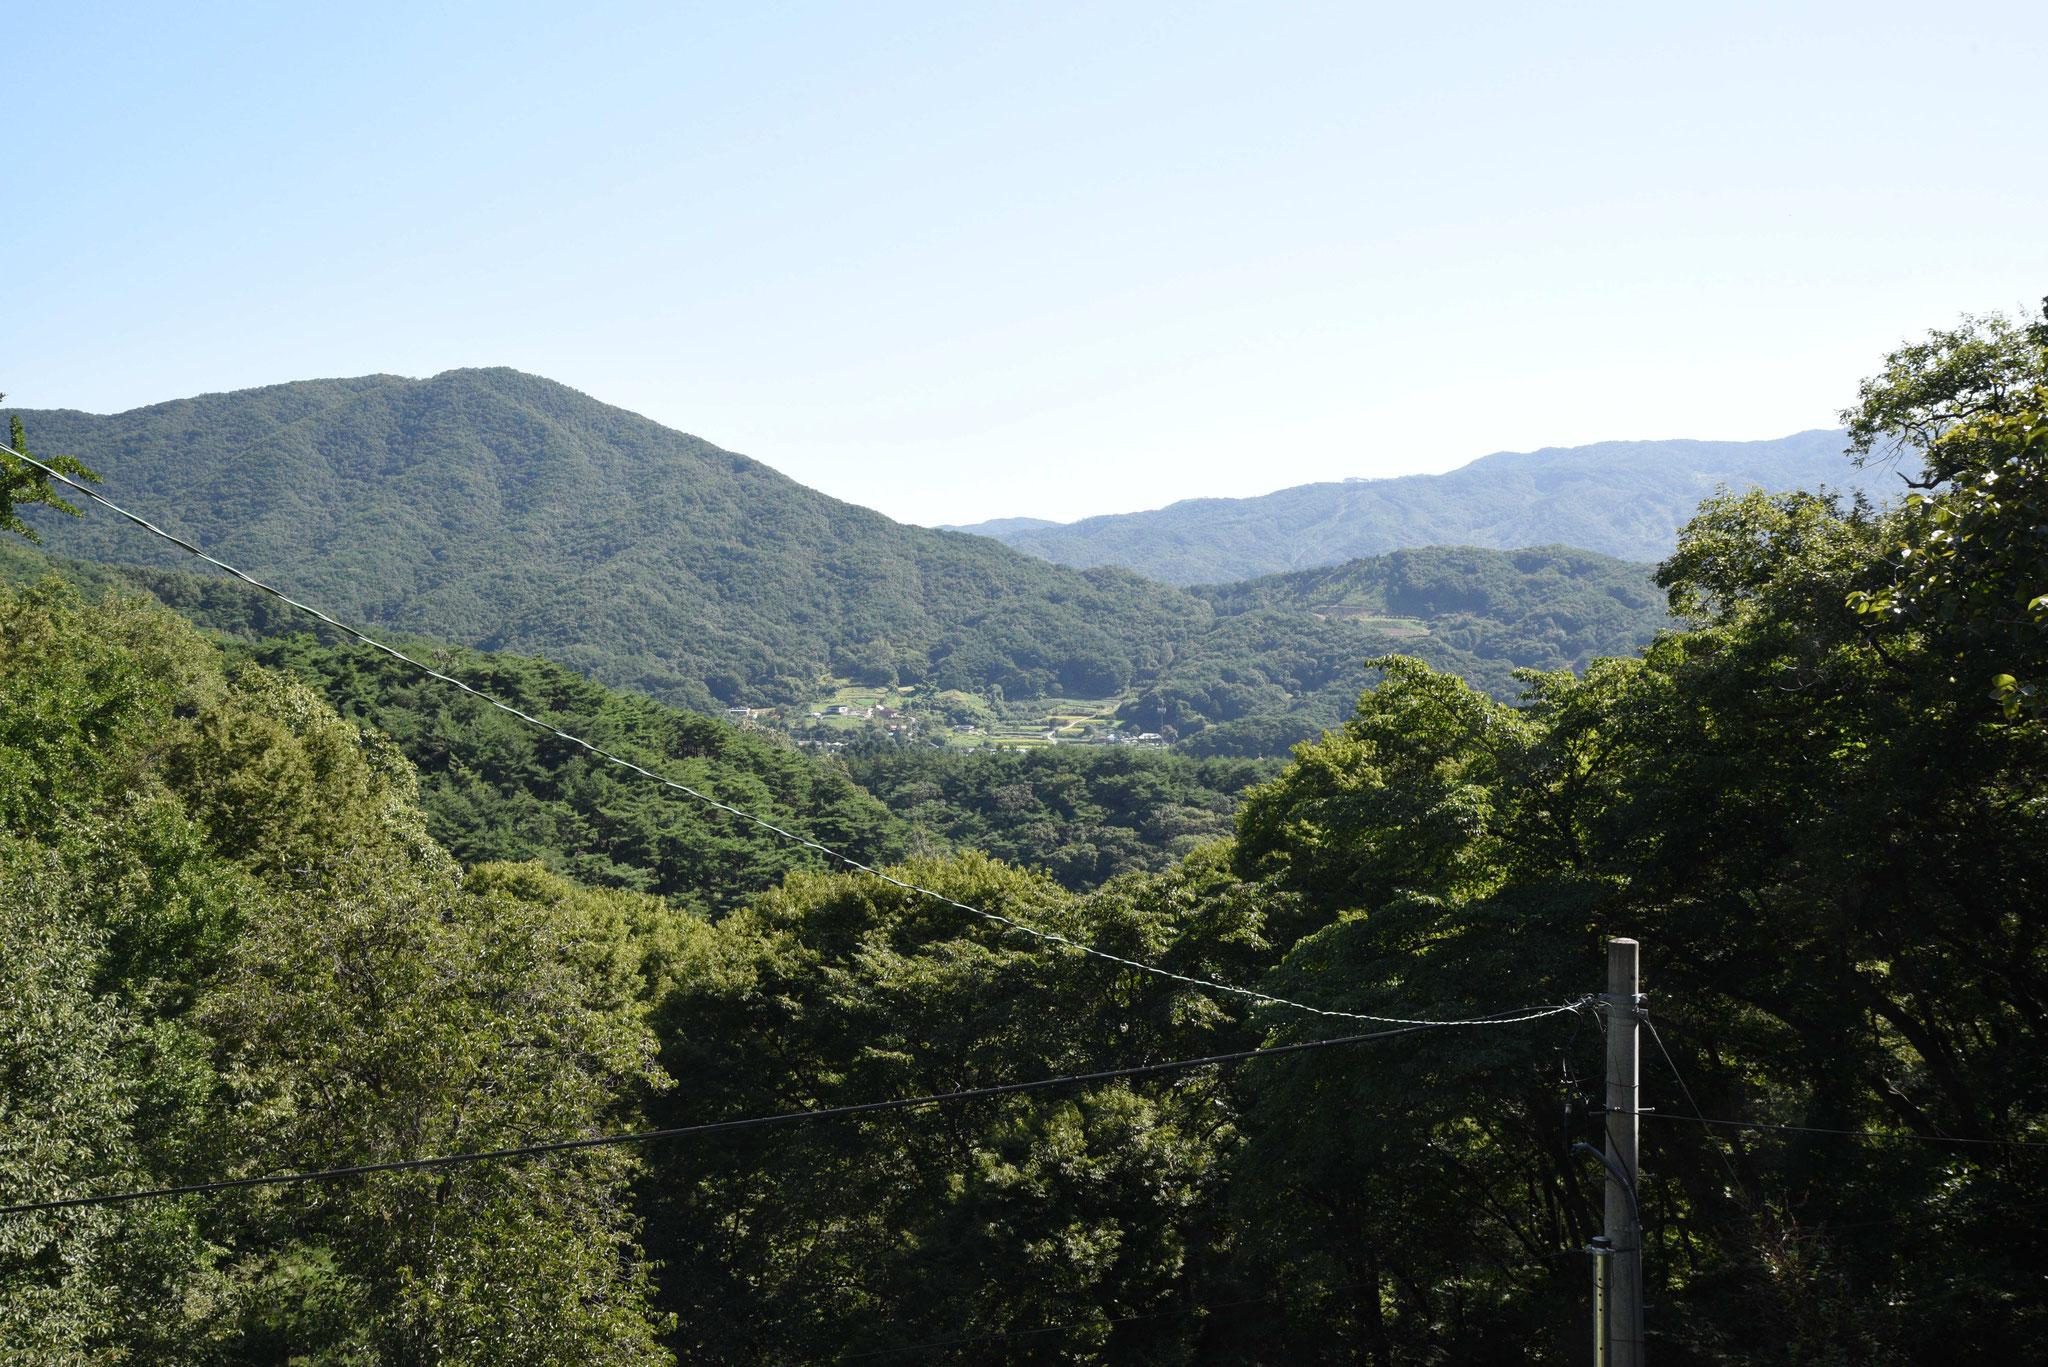 Blick über das Tal von Magoksa